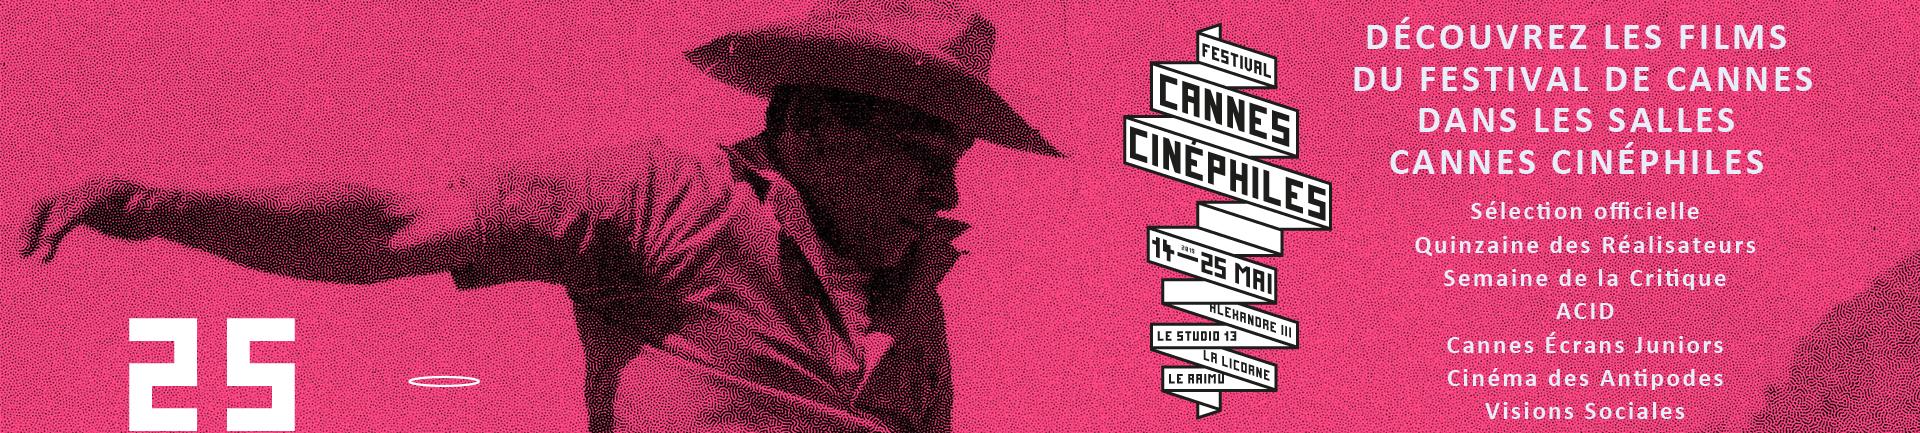 Cannes Cinéphiles 3